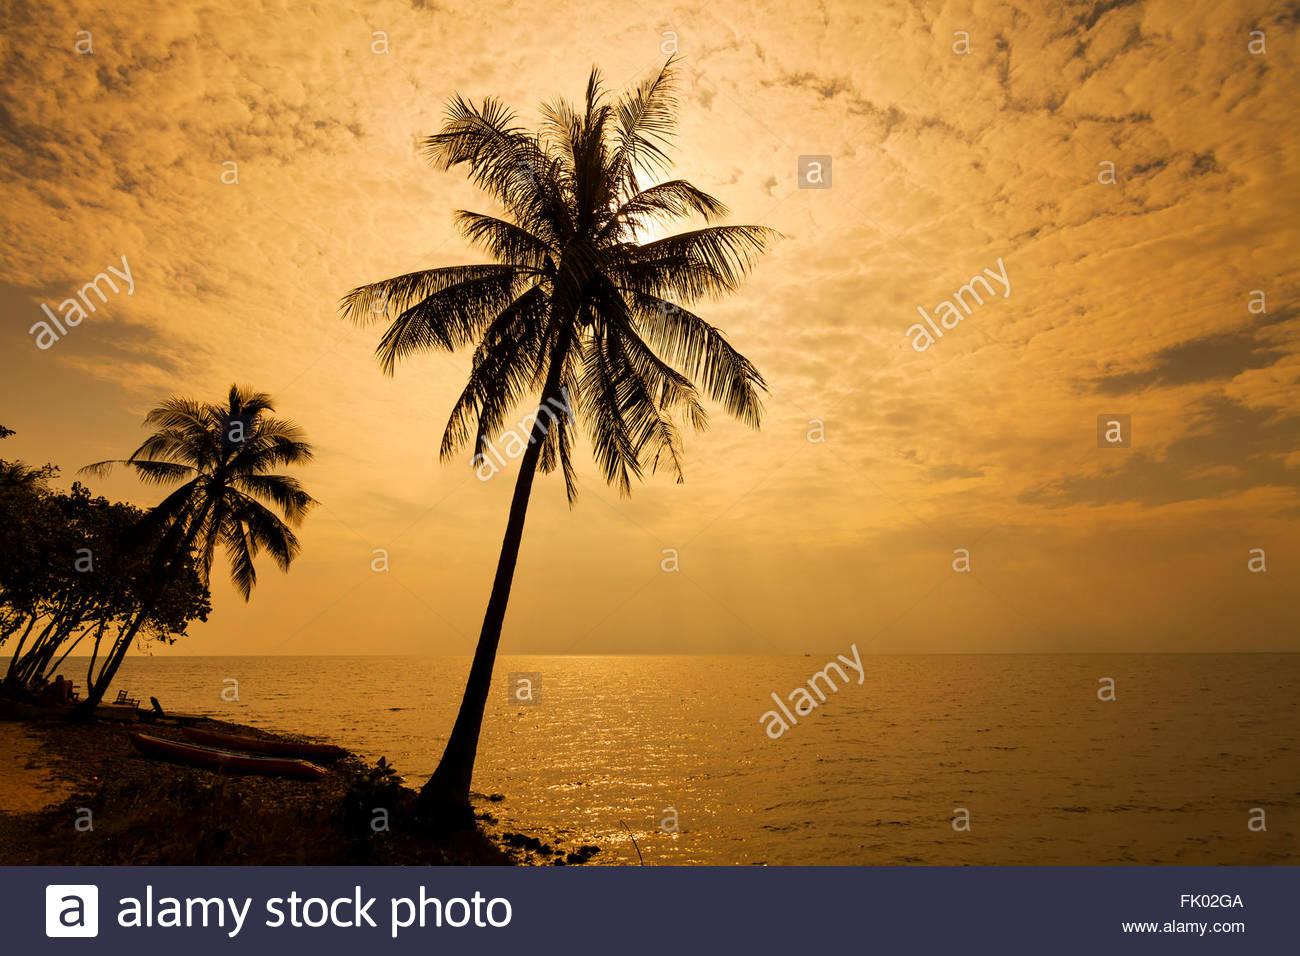 Coucher de soleil romantique sur la plage. Koh Chang. La Thaïlande. Photo Stock